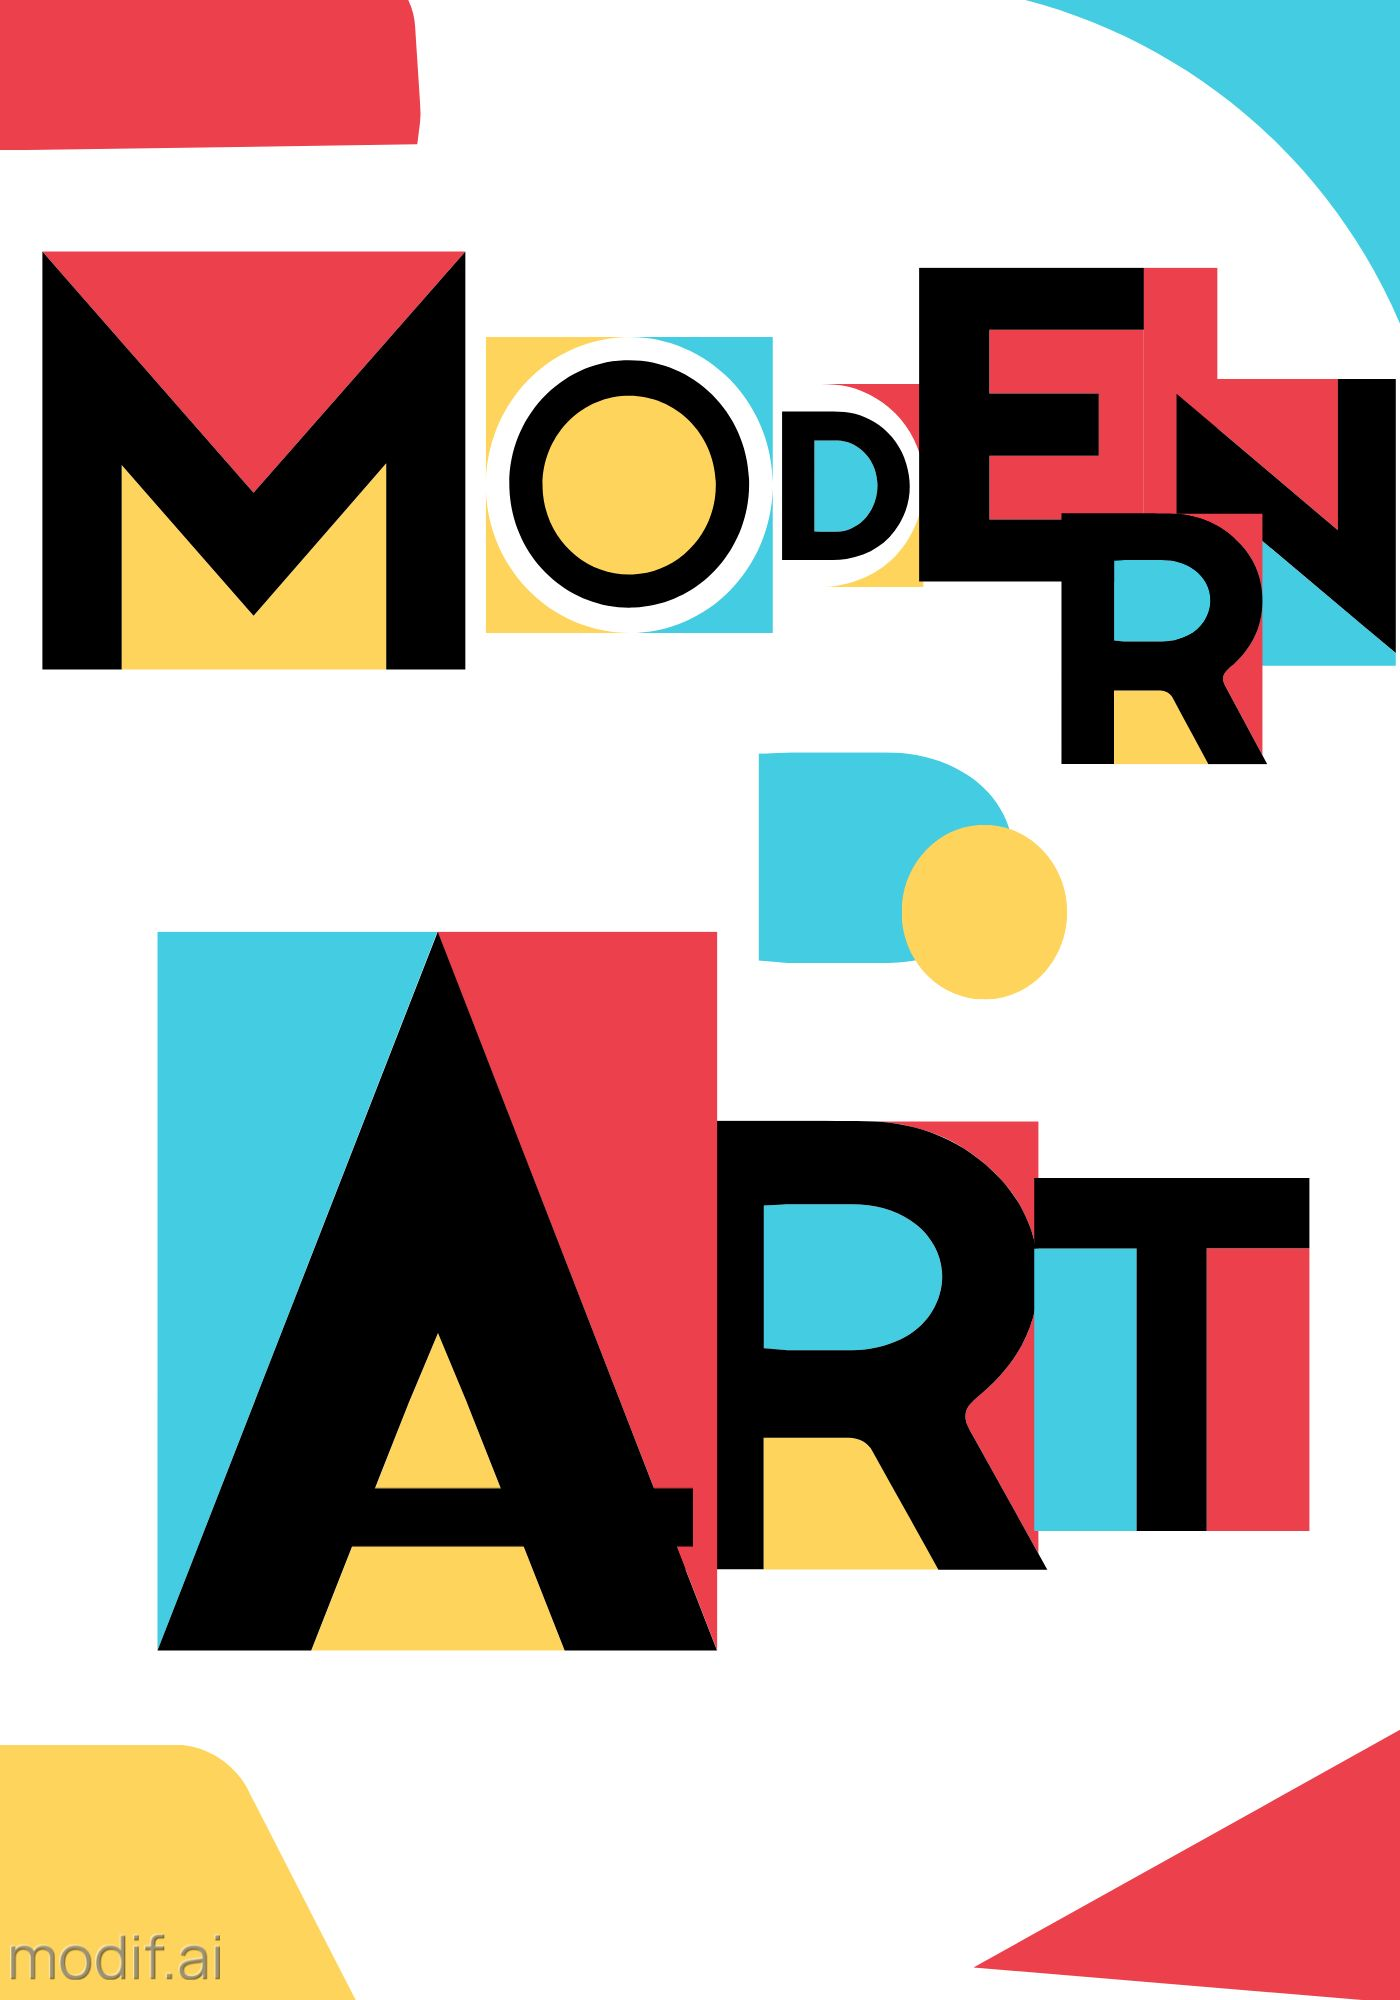 Modern Art Wall Poster Design Template